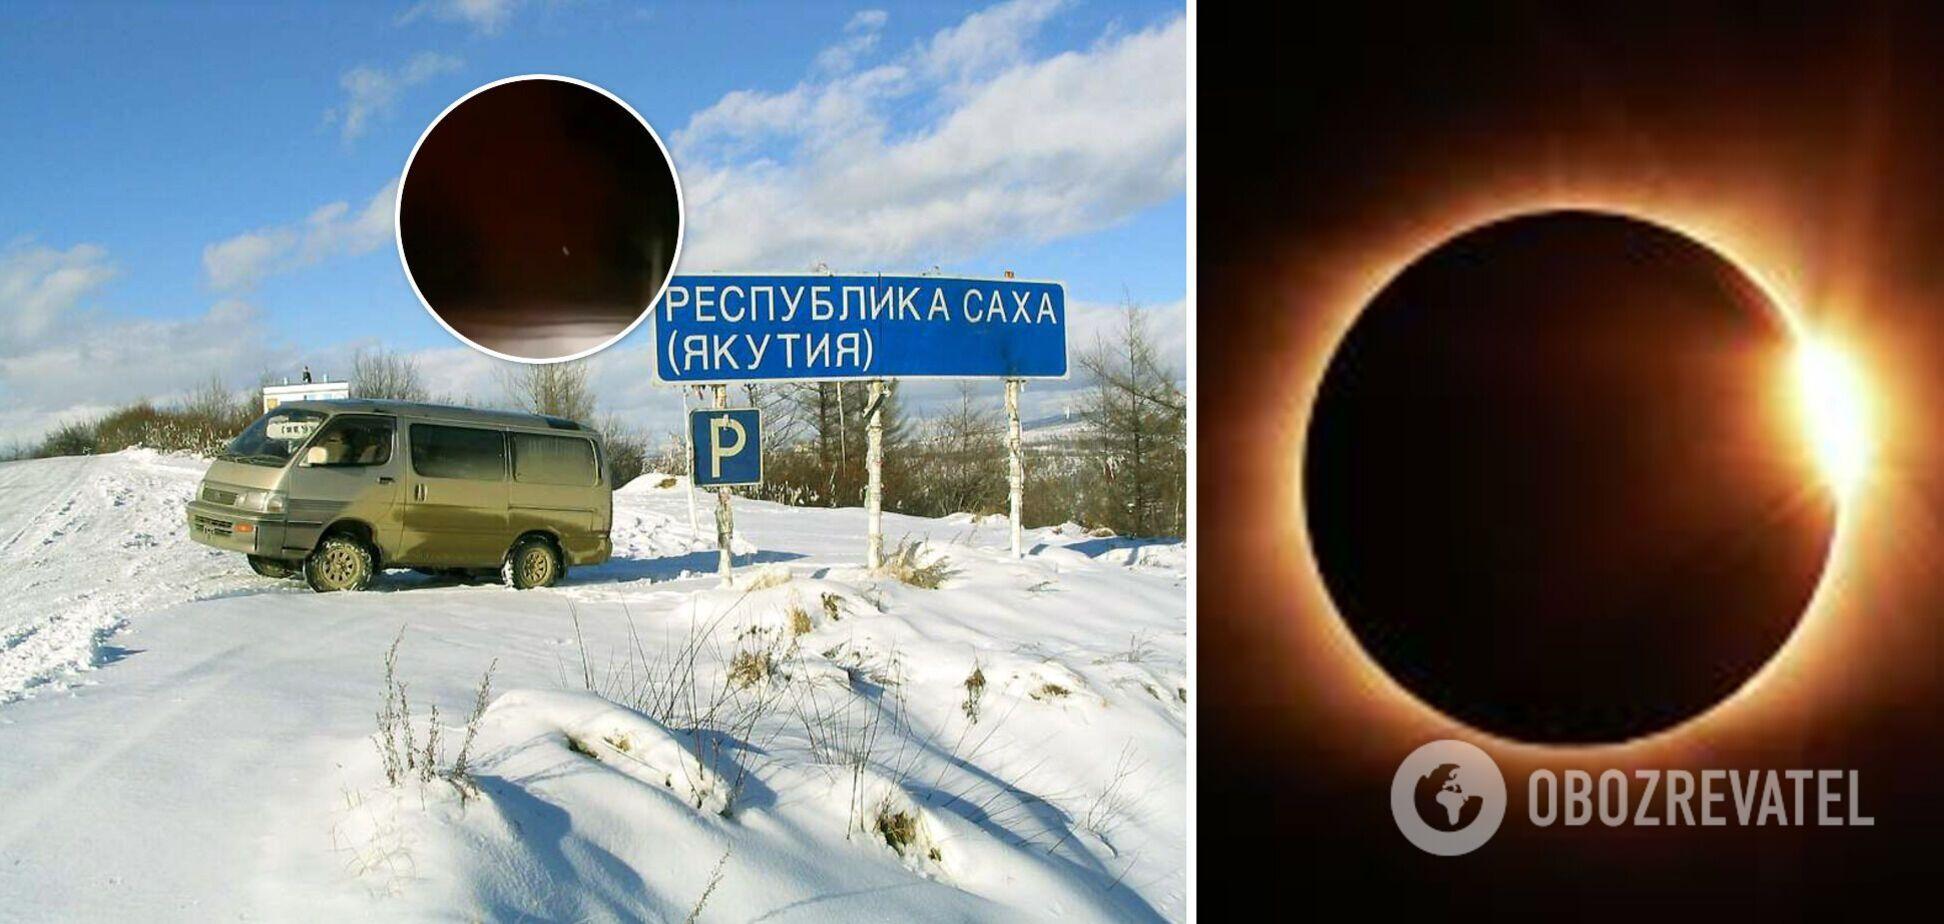 В одном из регионов России из-за мощных лесных пожаров 'исчезло' солнце. Видео